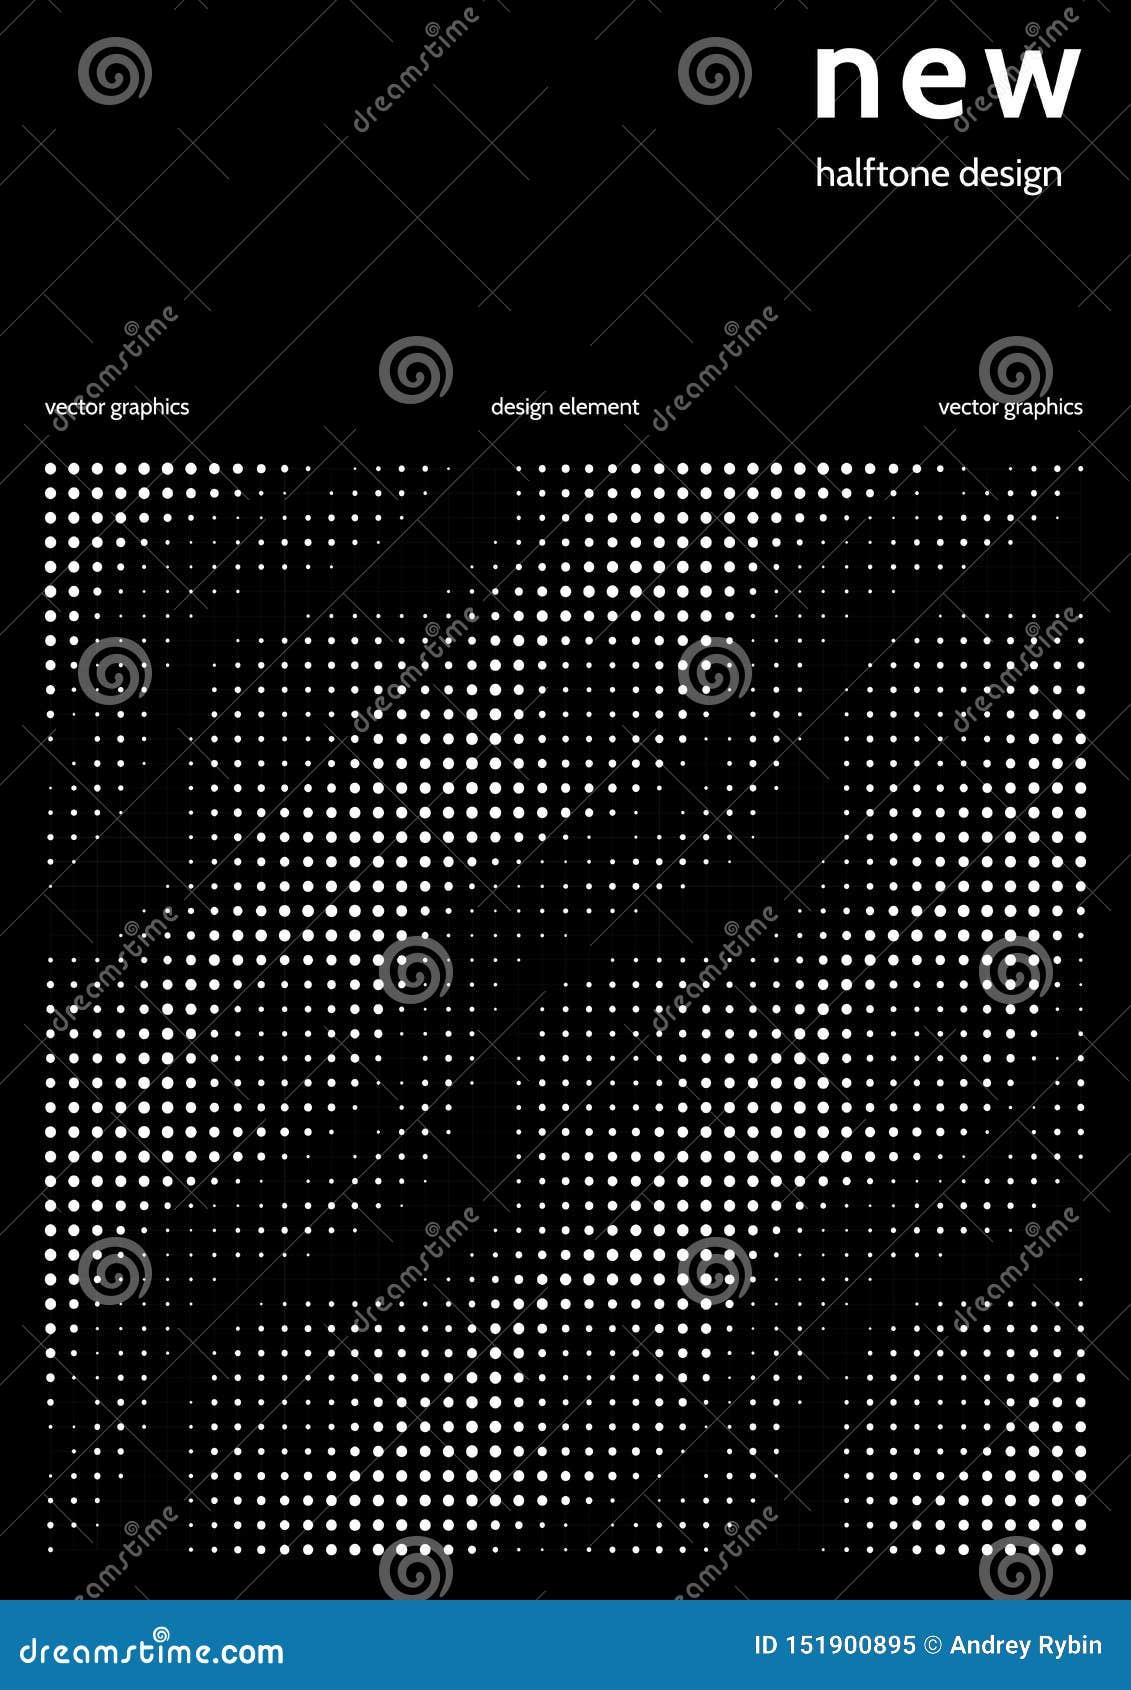 Minimalist räkningsdesign med färghalvton Vektordesign för rapport i minimalist techstil